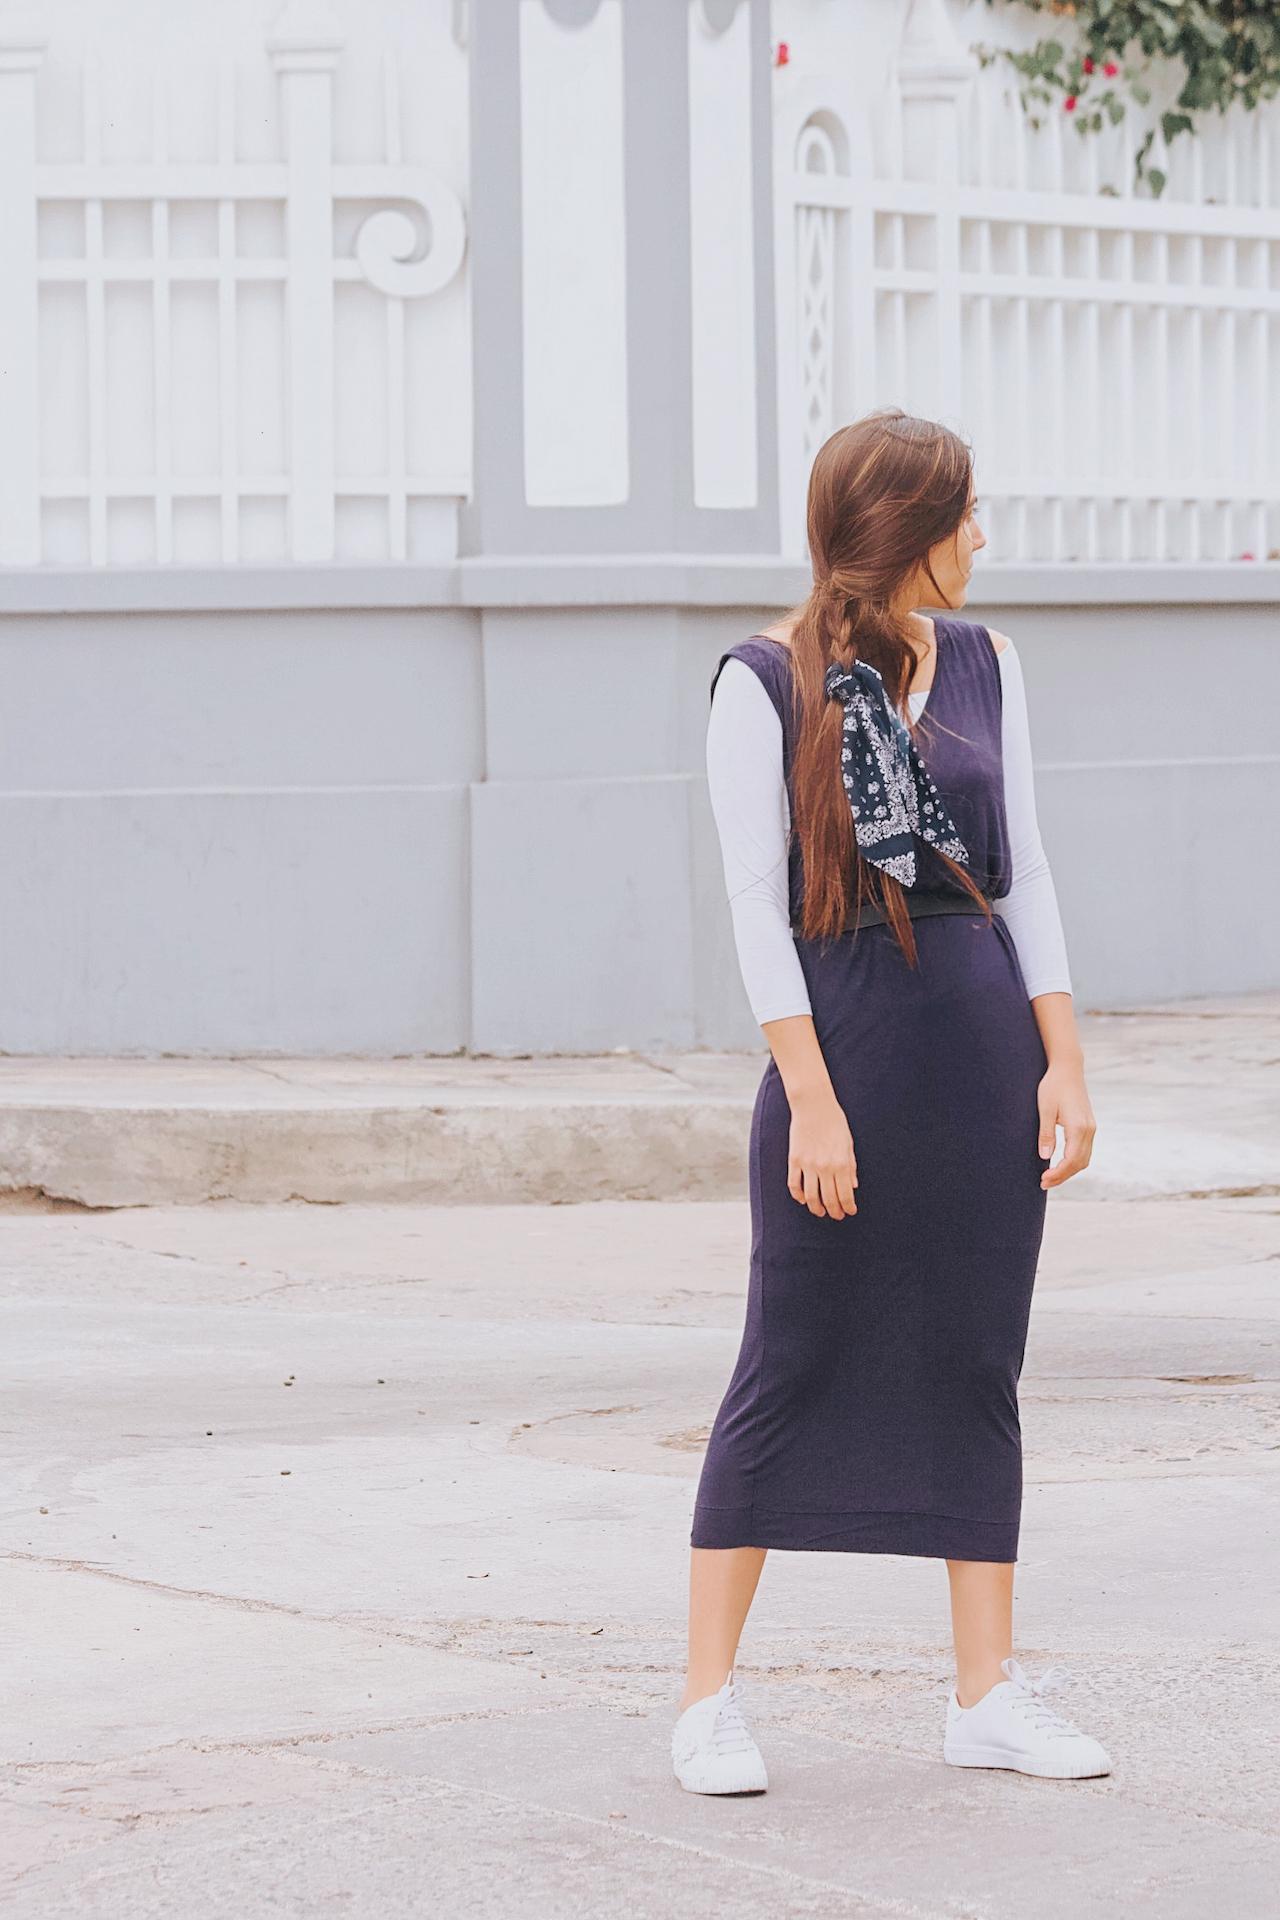 Vestido de algodón con forro, tubo, manga 0, largo Medidas:  Largo 1.18m   Ancho de cuerpo 46cm   Ancho Pecho 47cm   Ancho espalda 50cm   Cisa 33cm